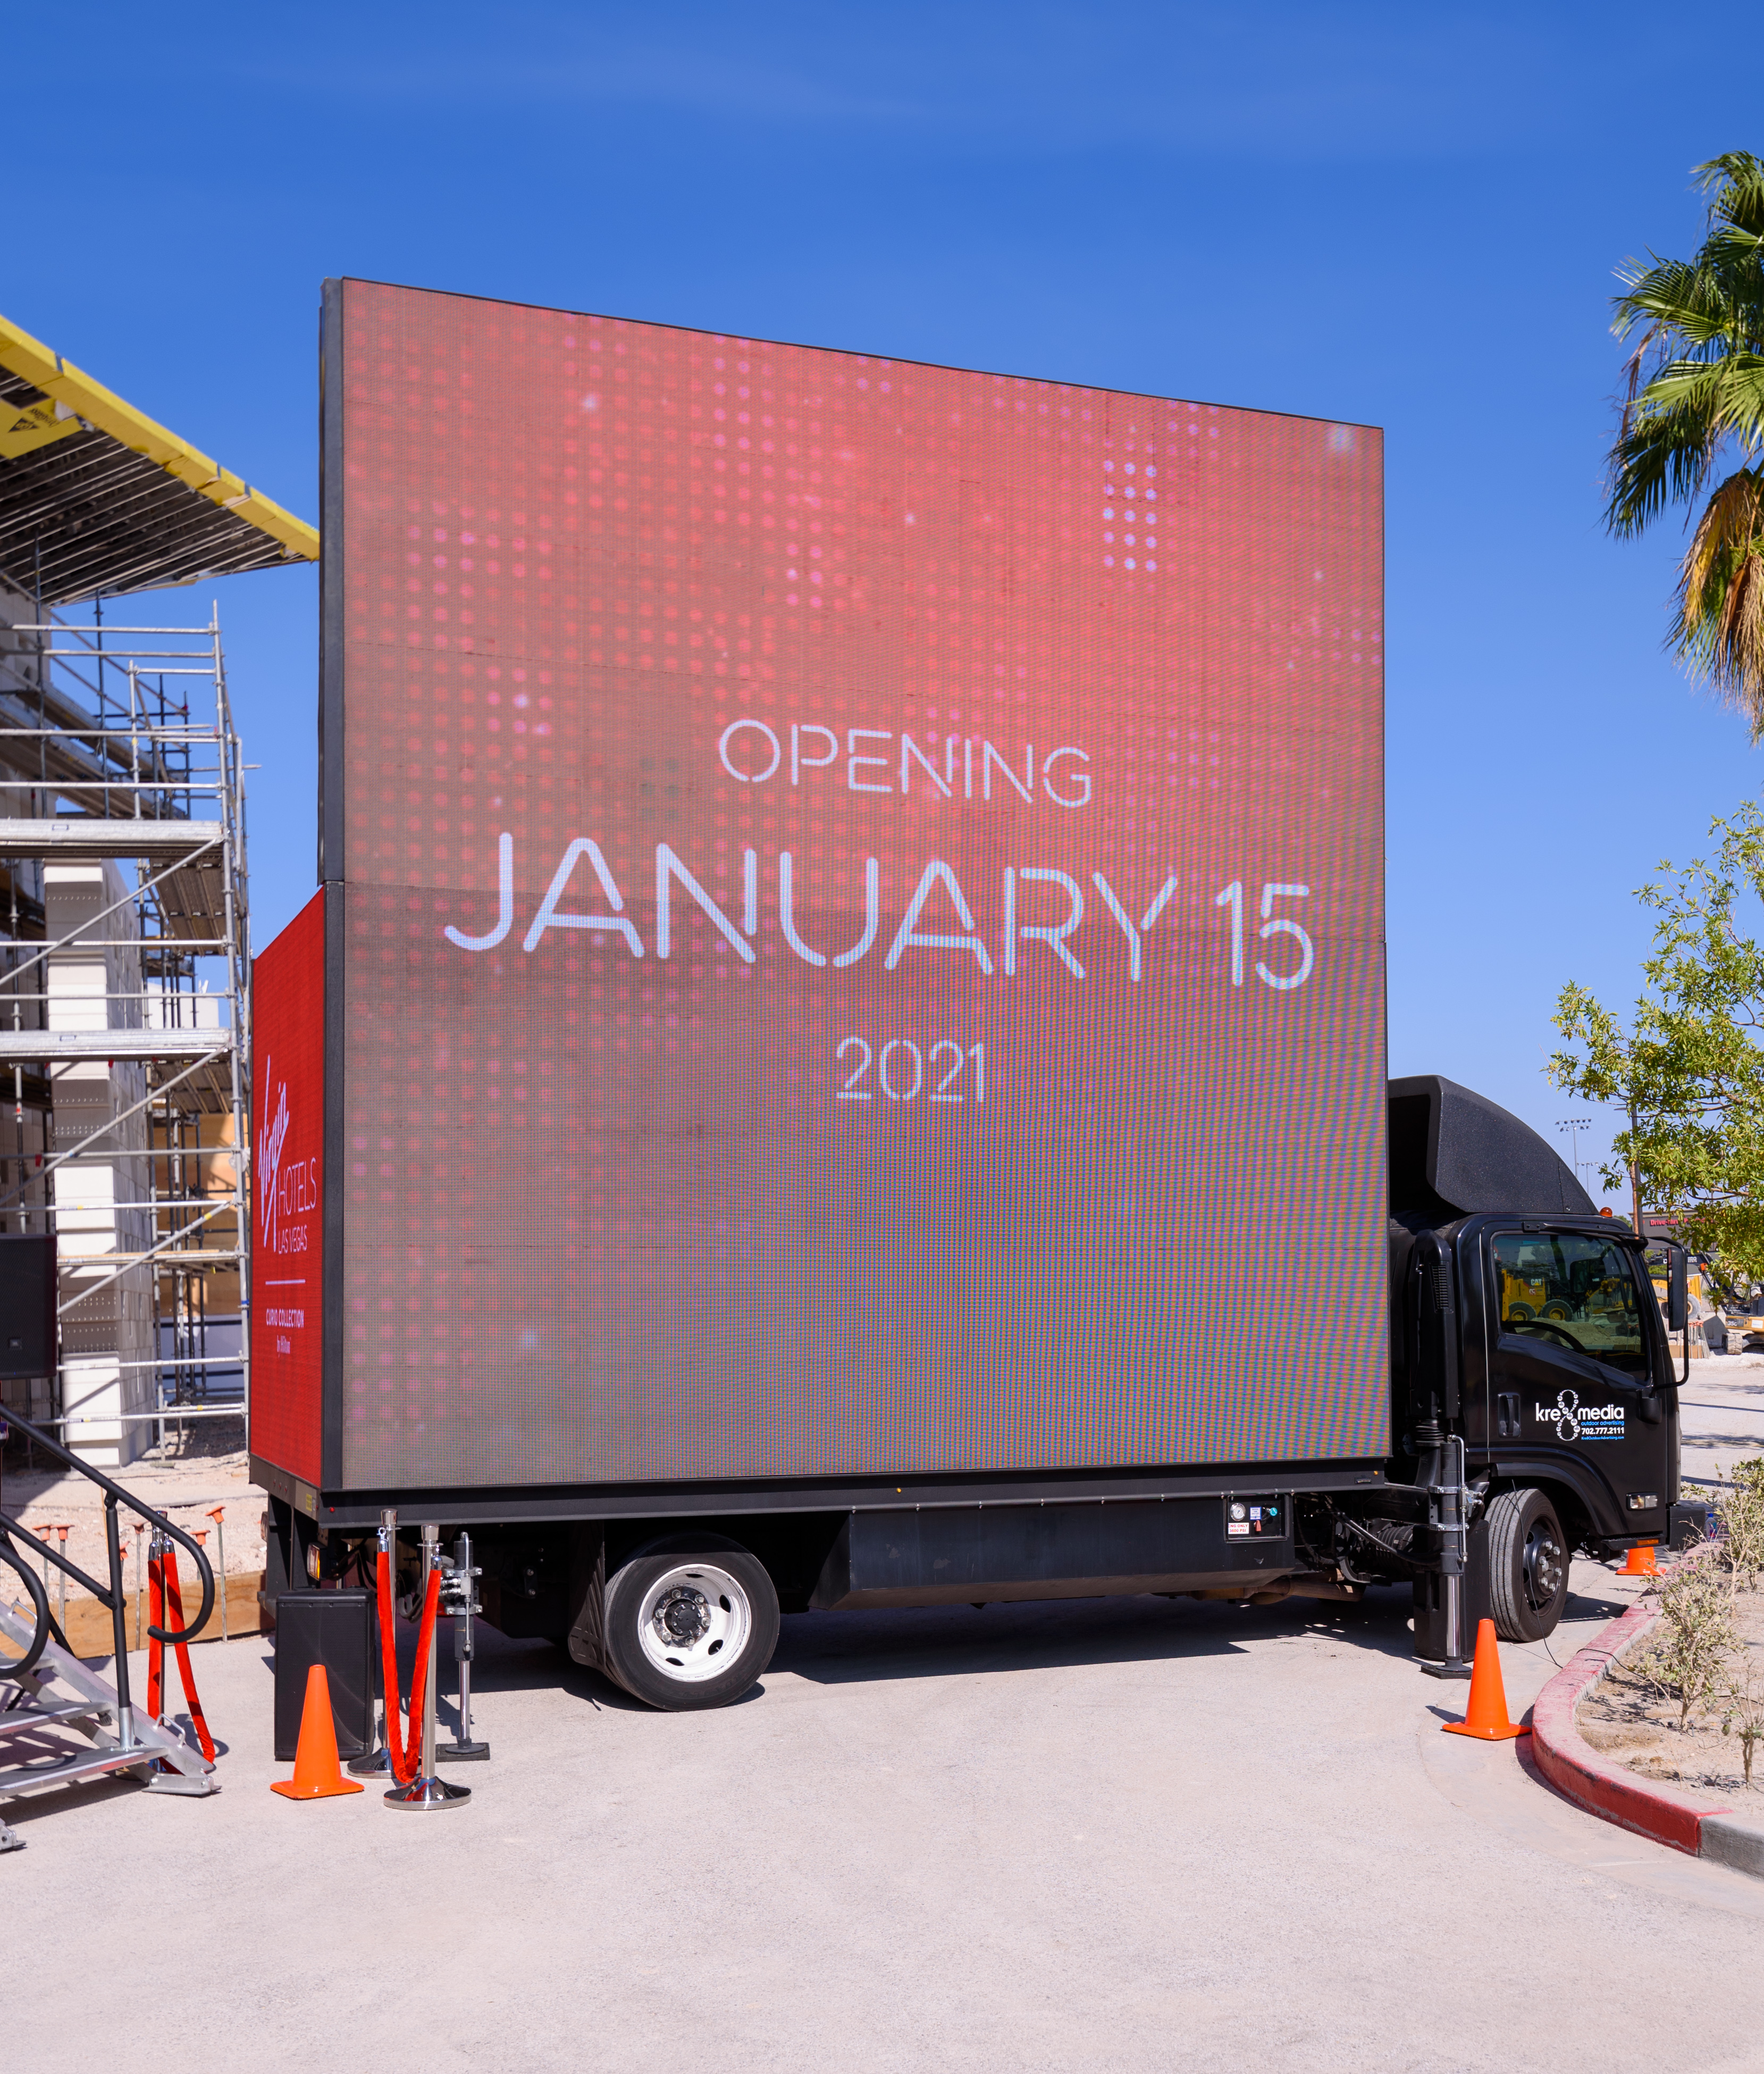 A billboard on a truck